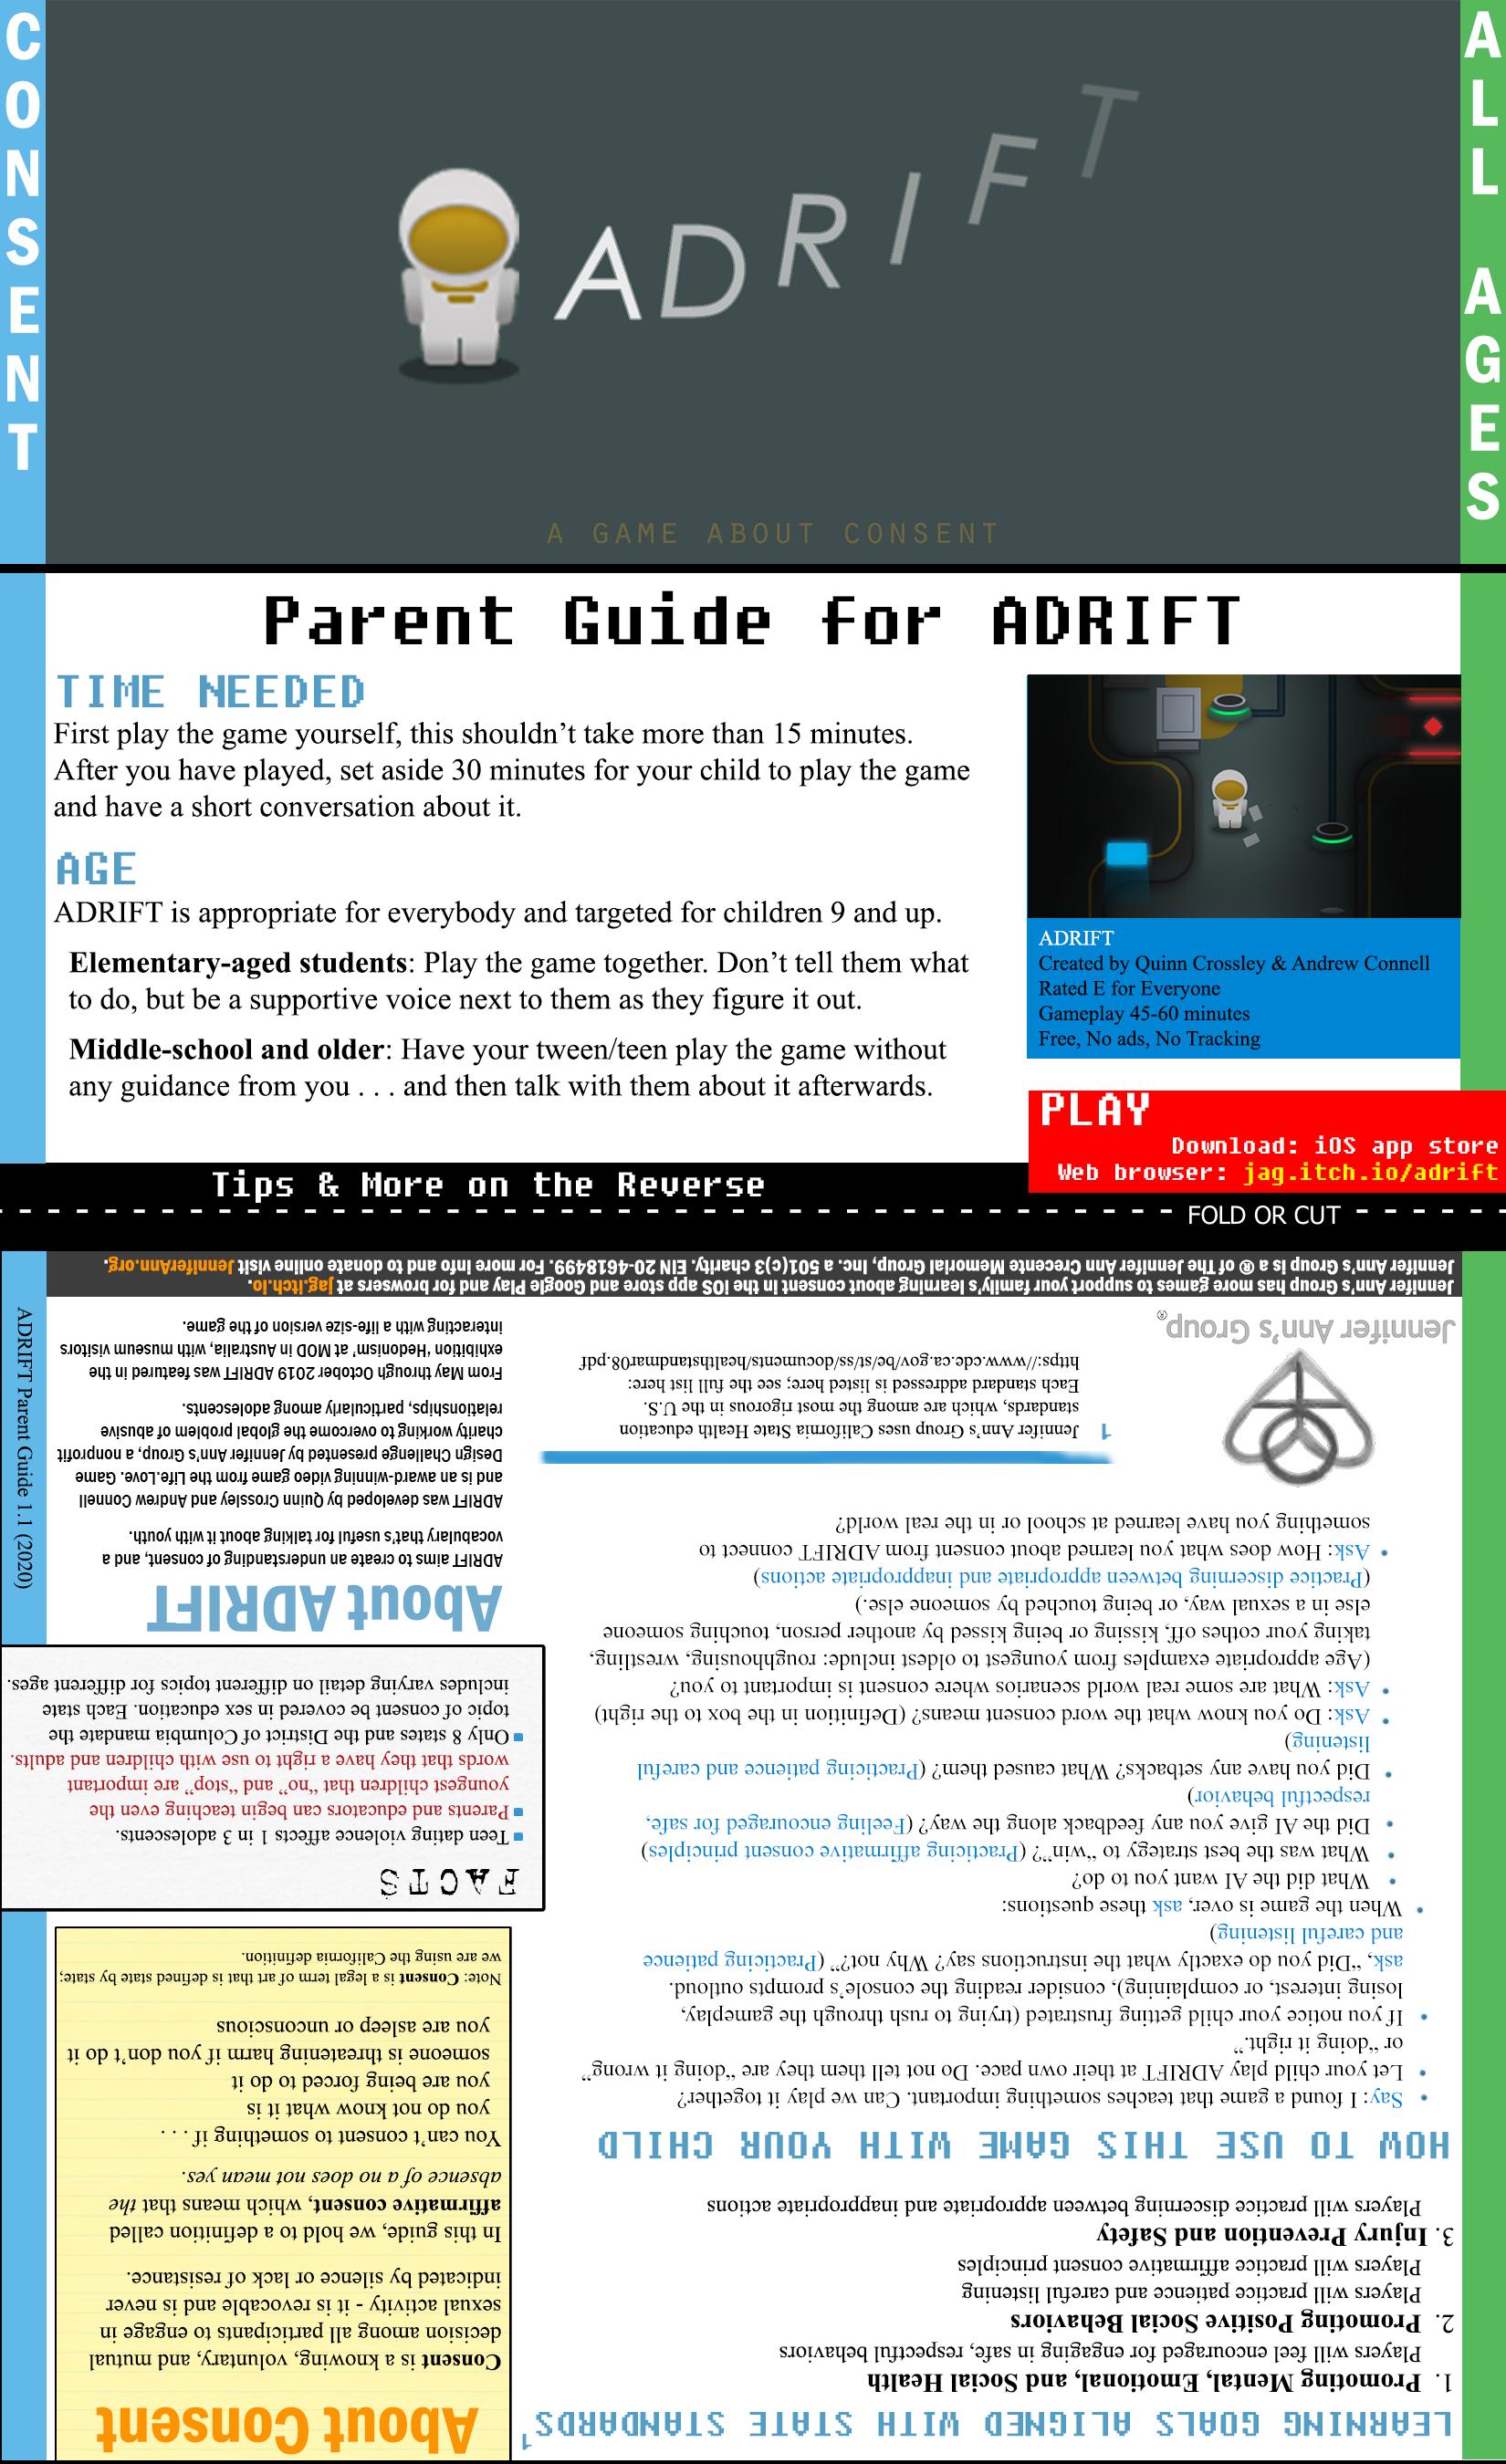 ADRIFT Parent's Guide